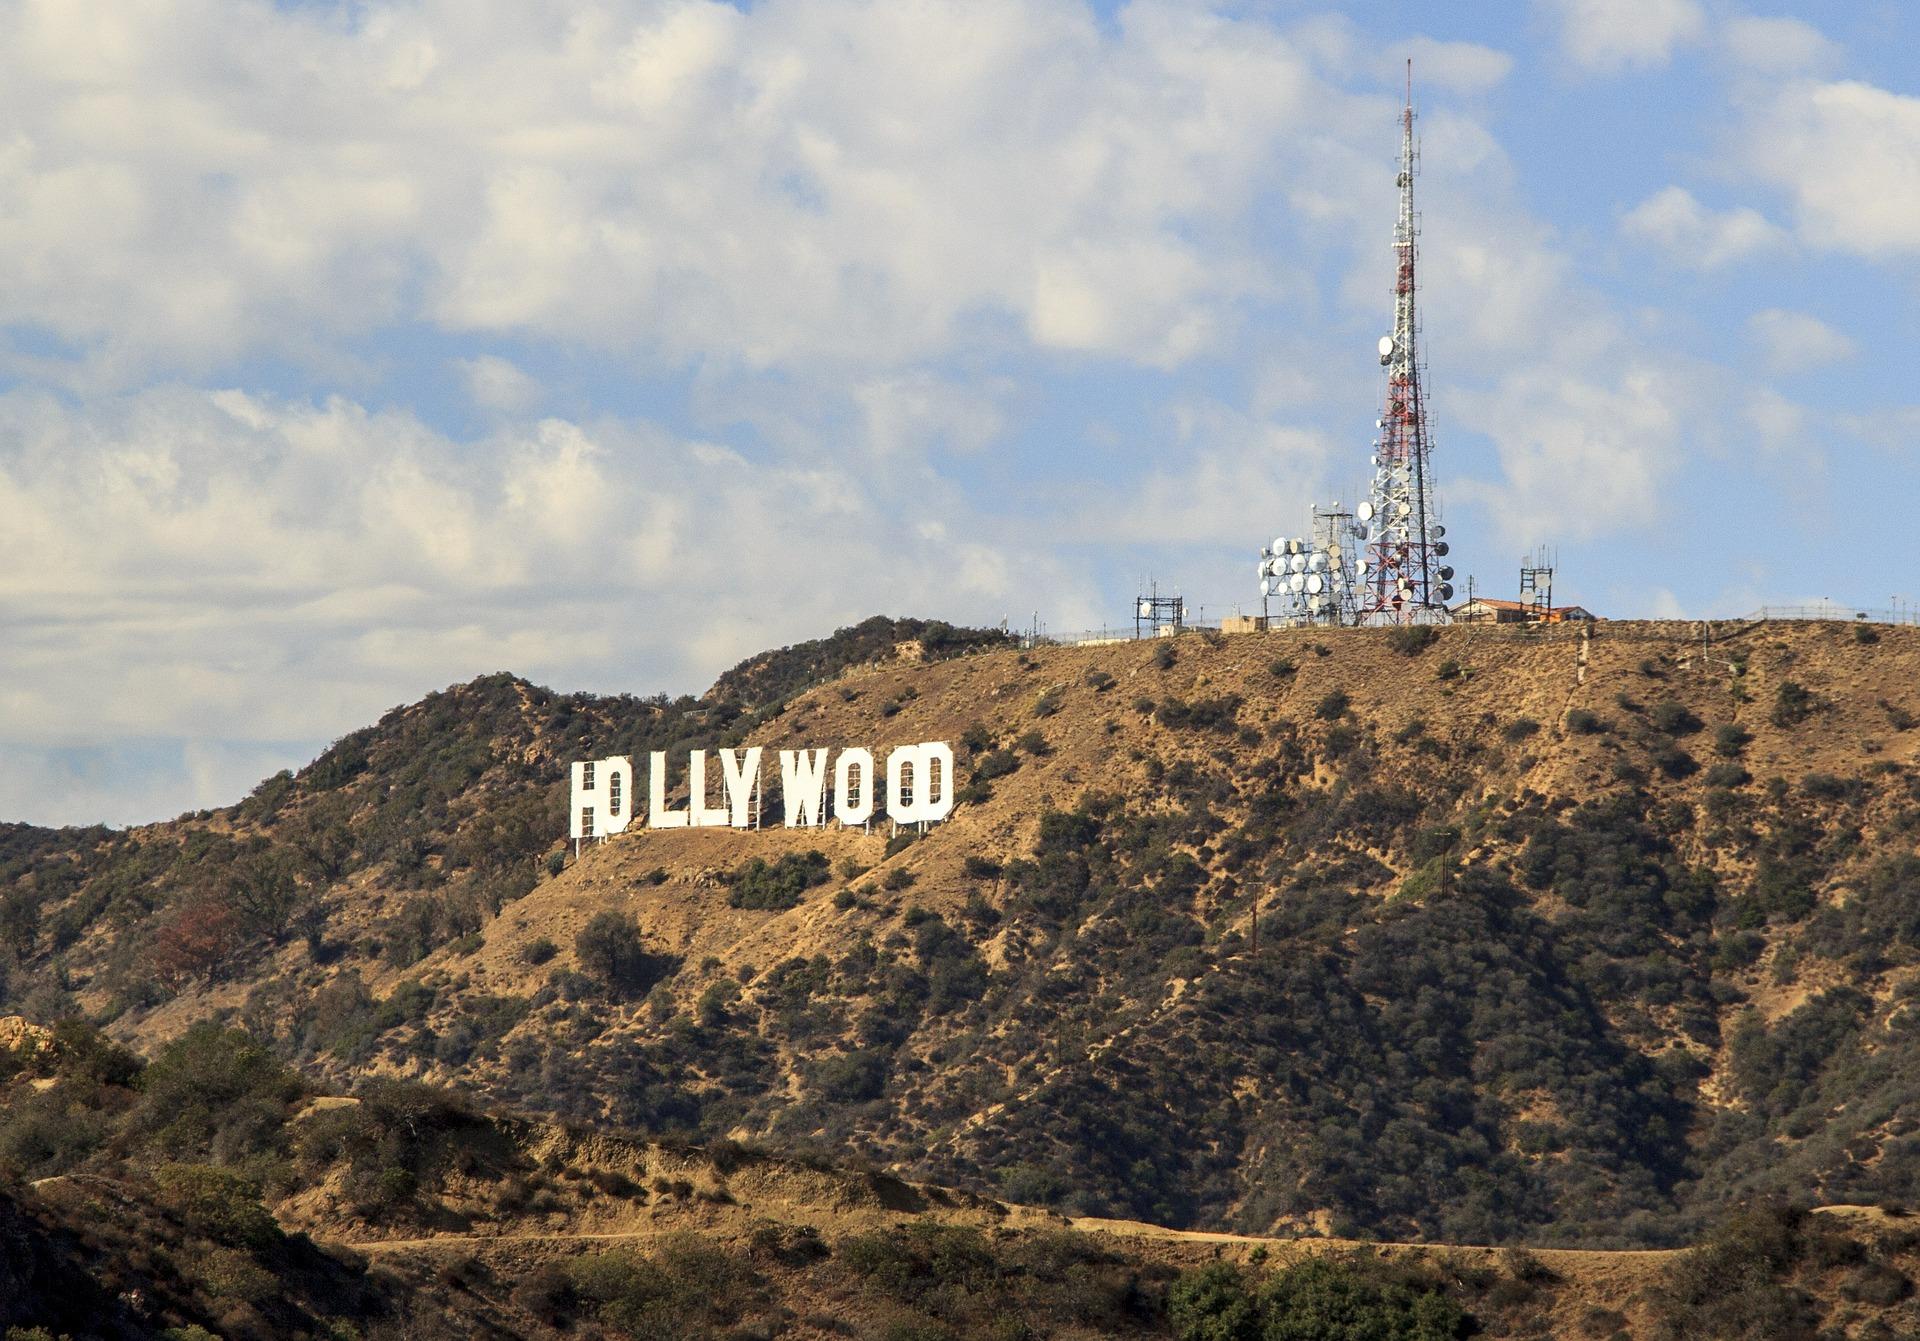 ハリウッド_小説のコンセプトについて「アーコフの方程式」|榎本メソッド